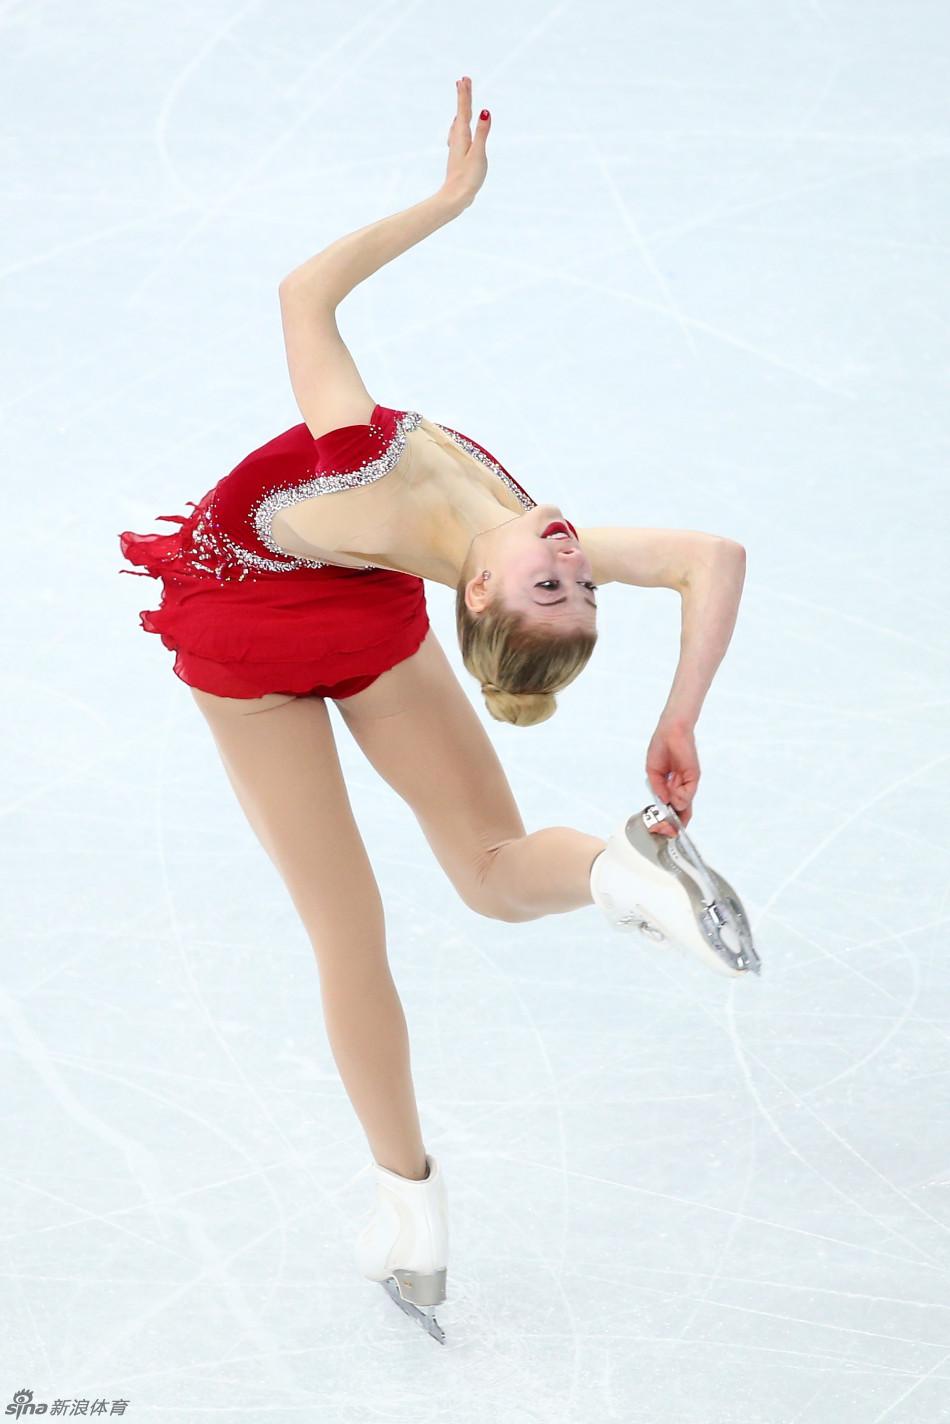 冬奥会花样滑冰女子单人短节目